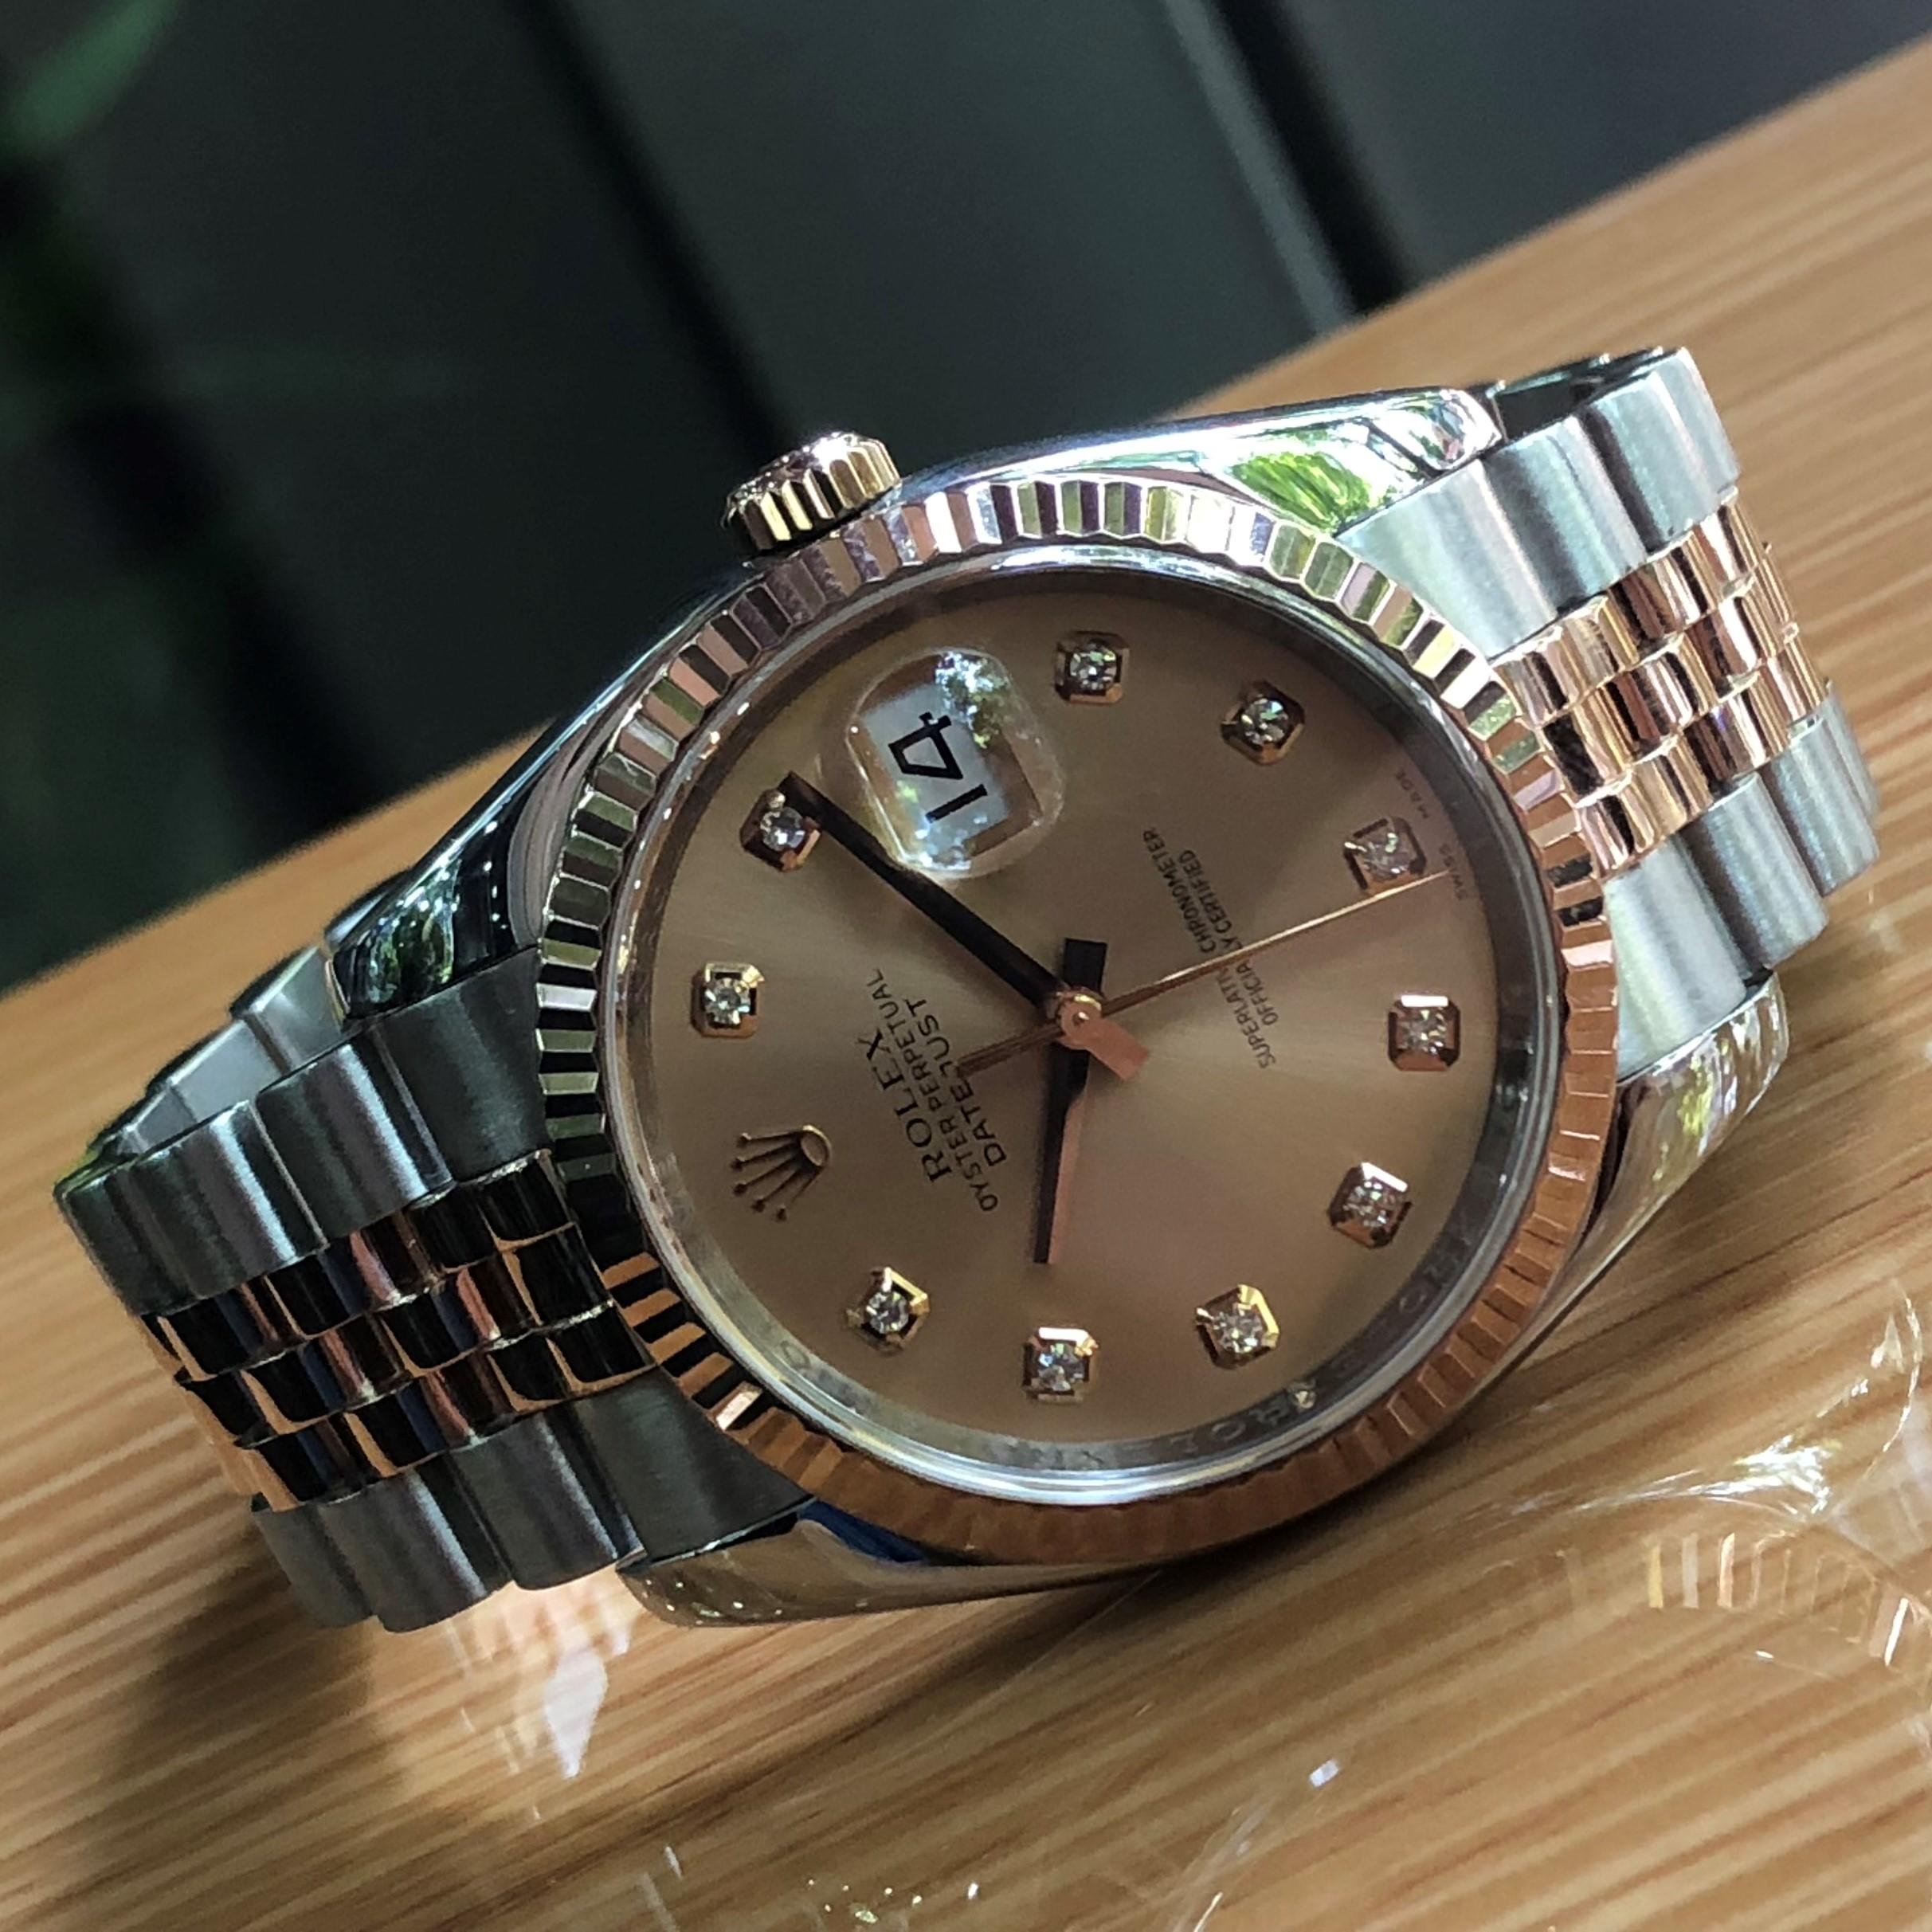 Rolex 116231 mặt phấn hồng demi vàng hồng 18k đời 2007